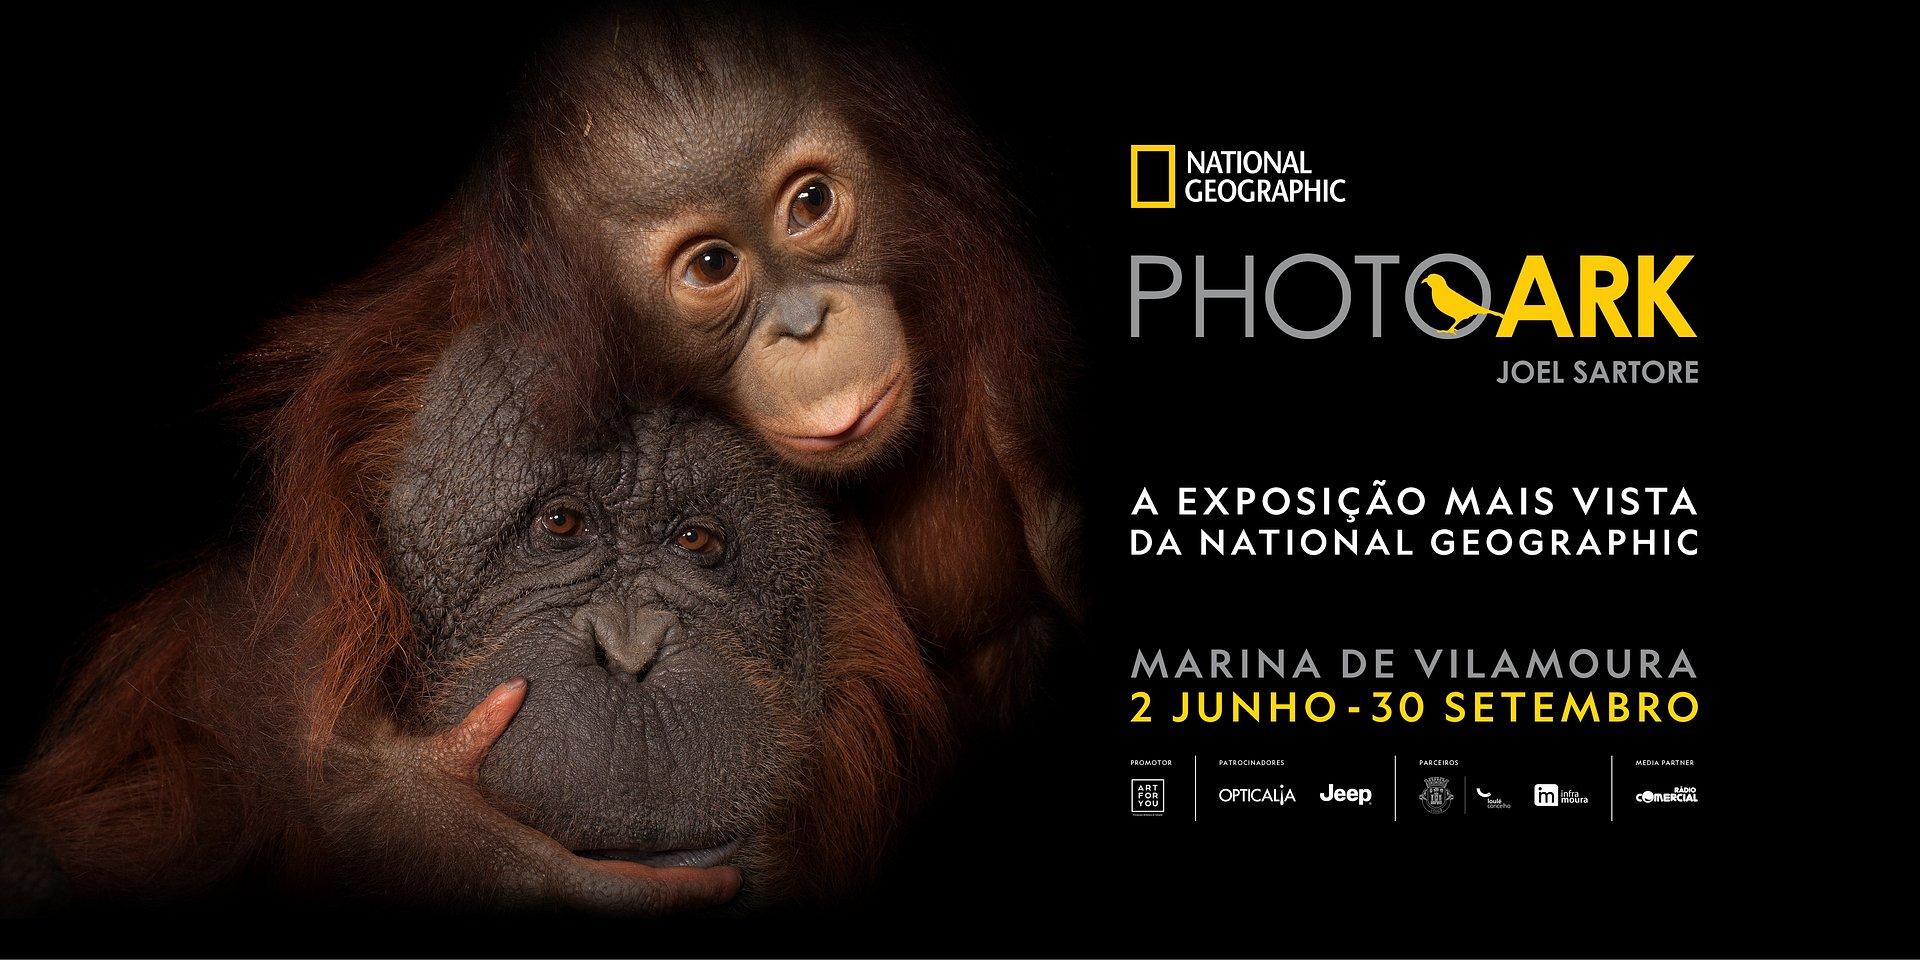 'PHOTO ARK', A EXPOSIÇÃO MAIS VISTA DA NATIONAL GEOGRAPHIC CHEGA A VILAMOURA